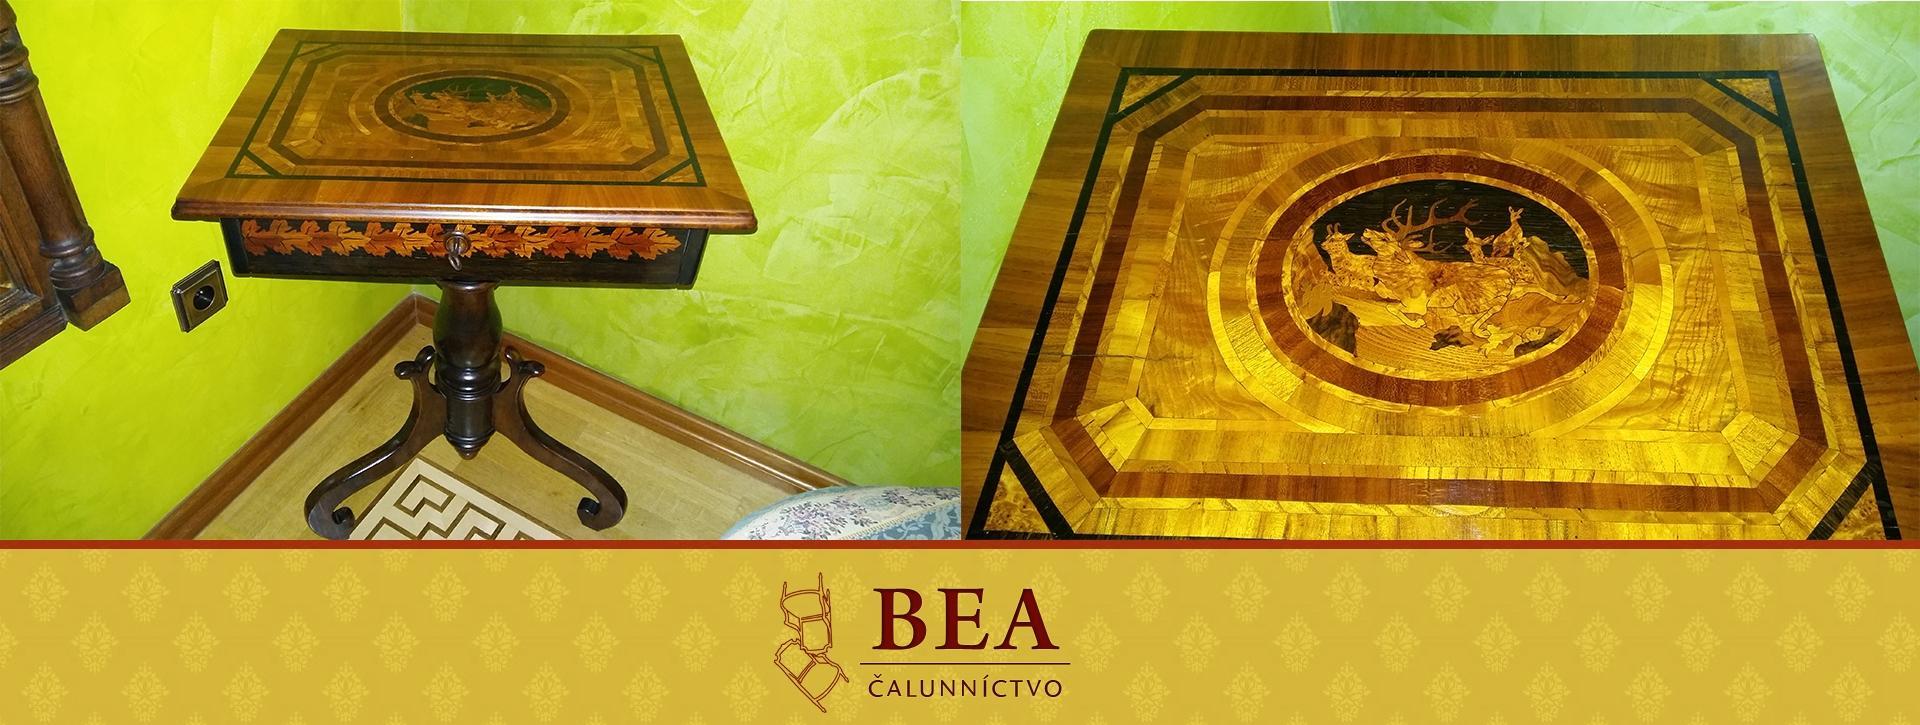 renovacia-starozitneho-nabytku-stolik1